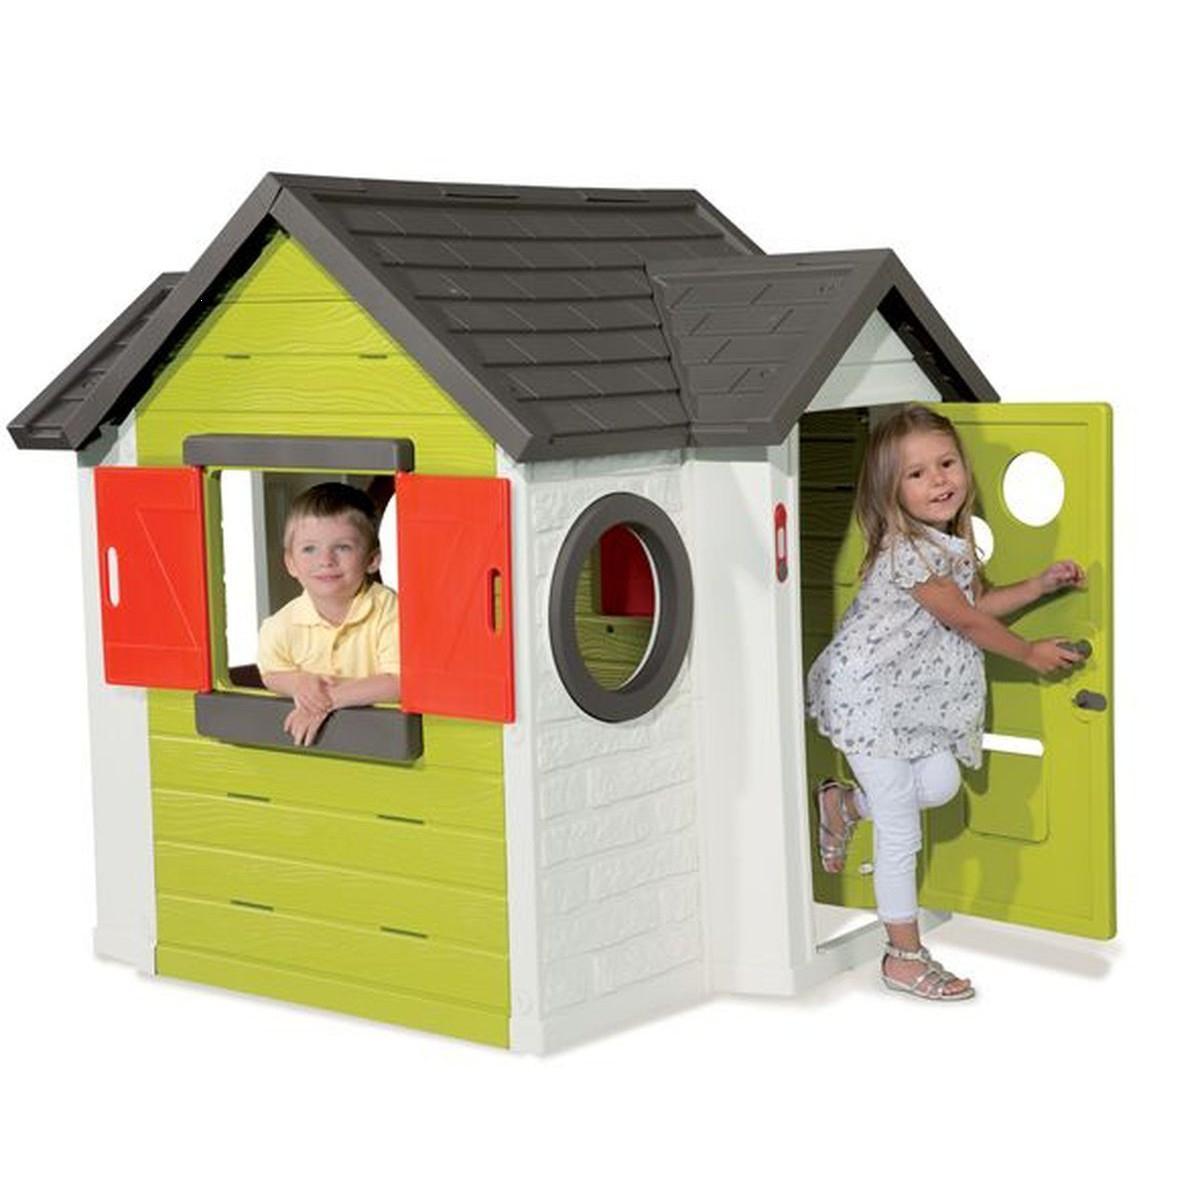 Cabane Enfant ⇒ Comparatif, Avis Et Meilleurs Modèles 2020 encequiconcerne Maison De Jardin Pour Enfant